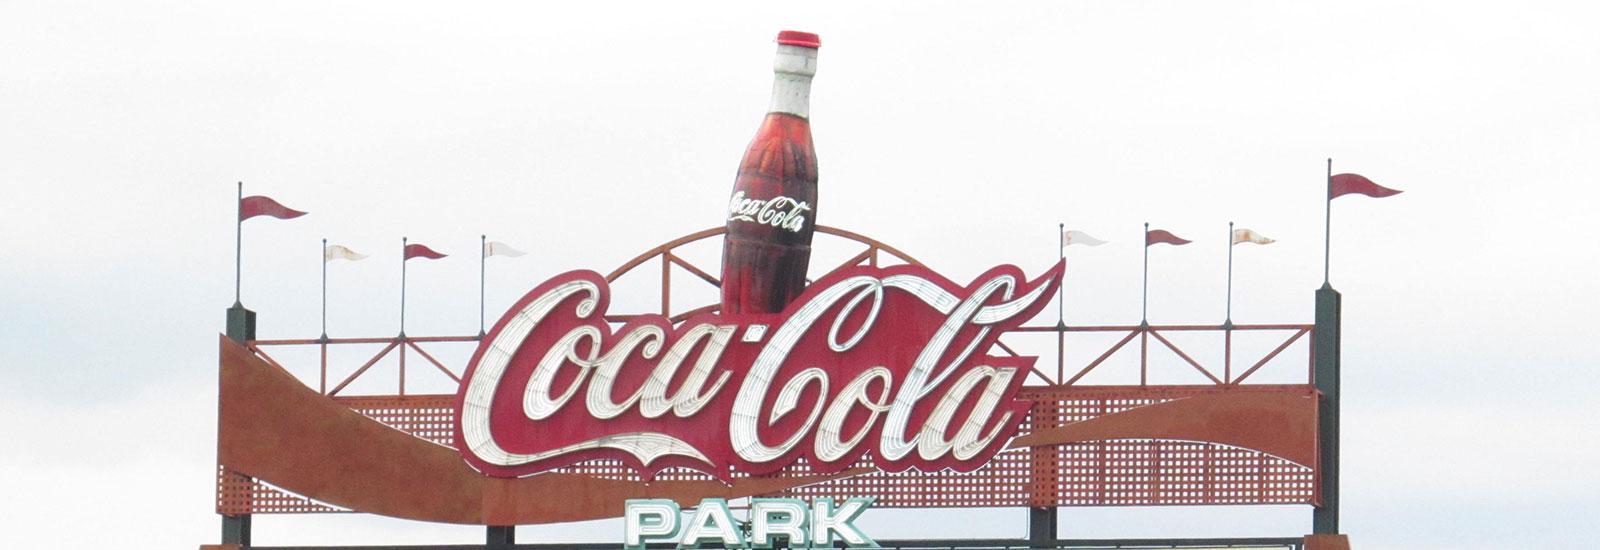 Coca Cola Park